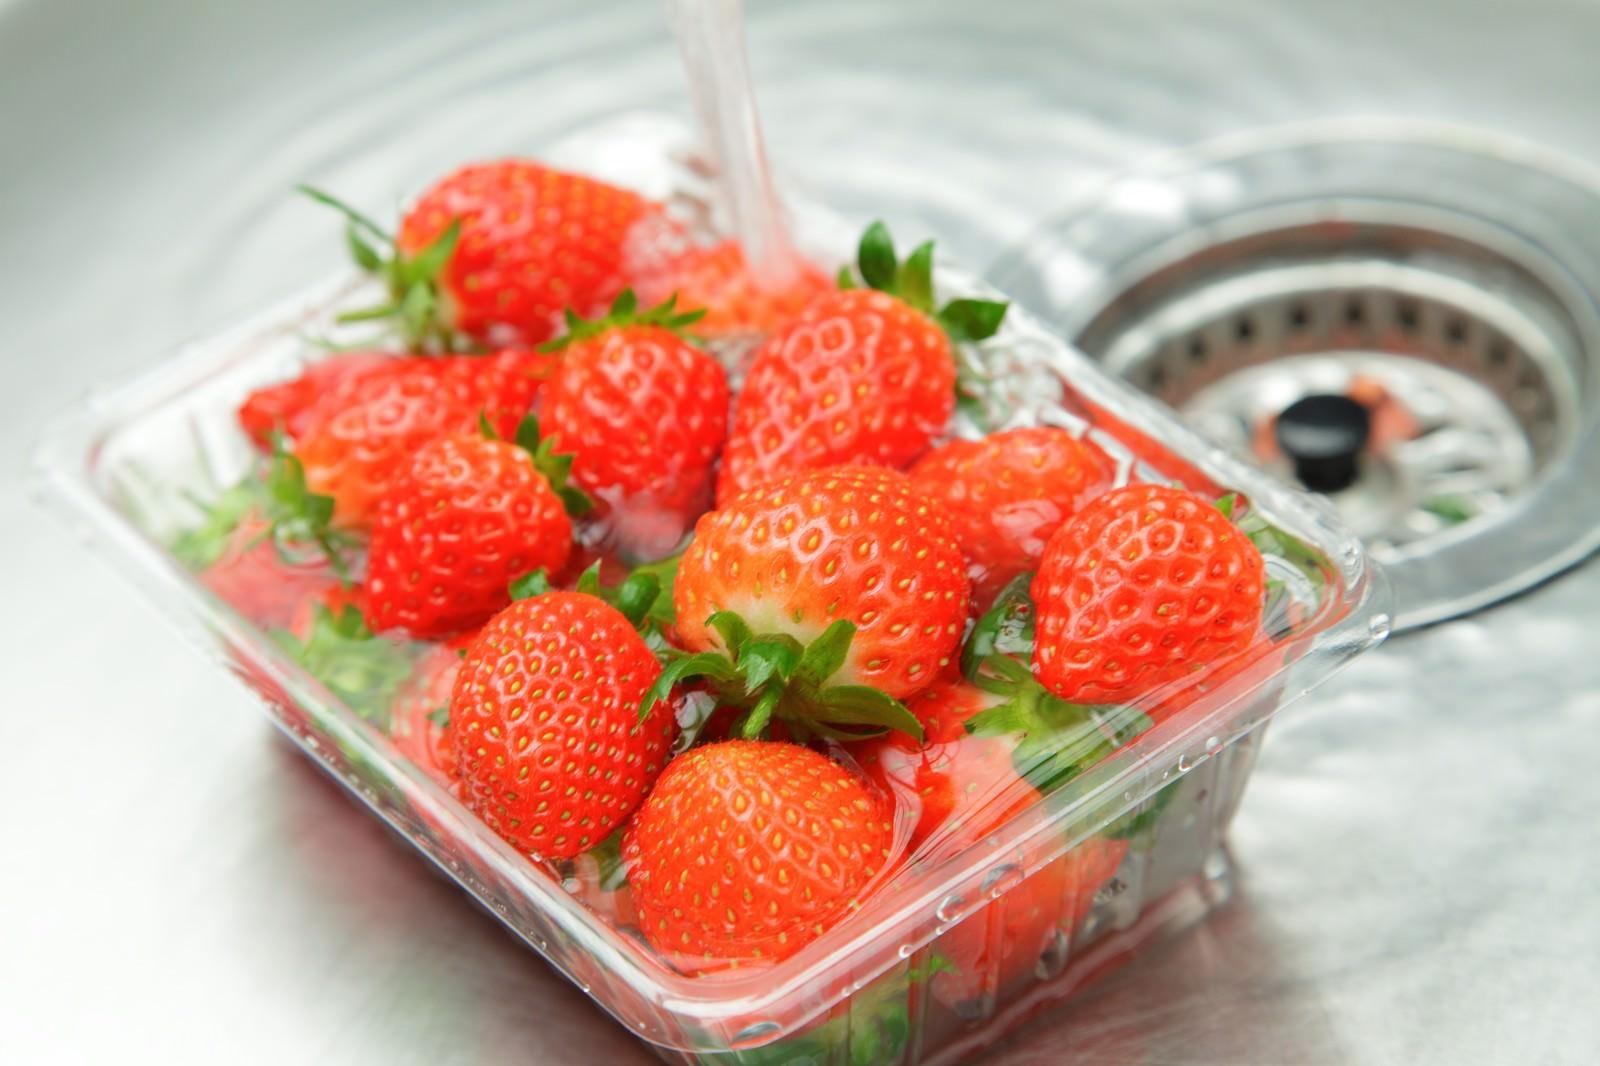 「台所でパックに入った苺に水をかける」の写真